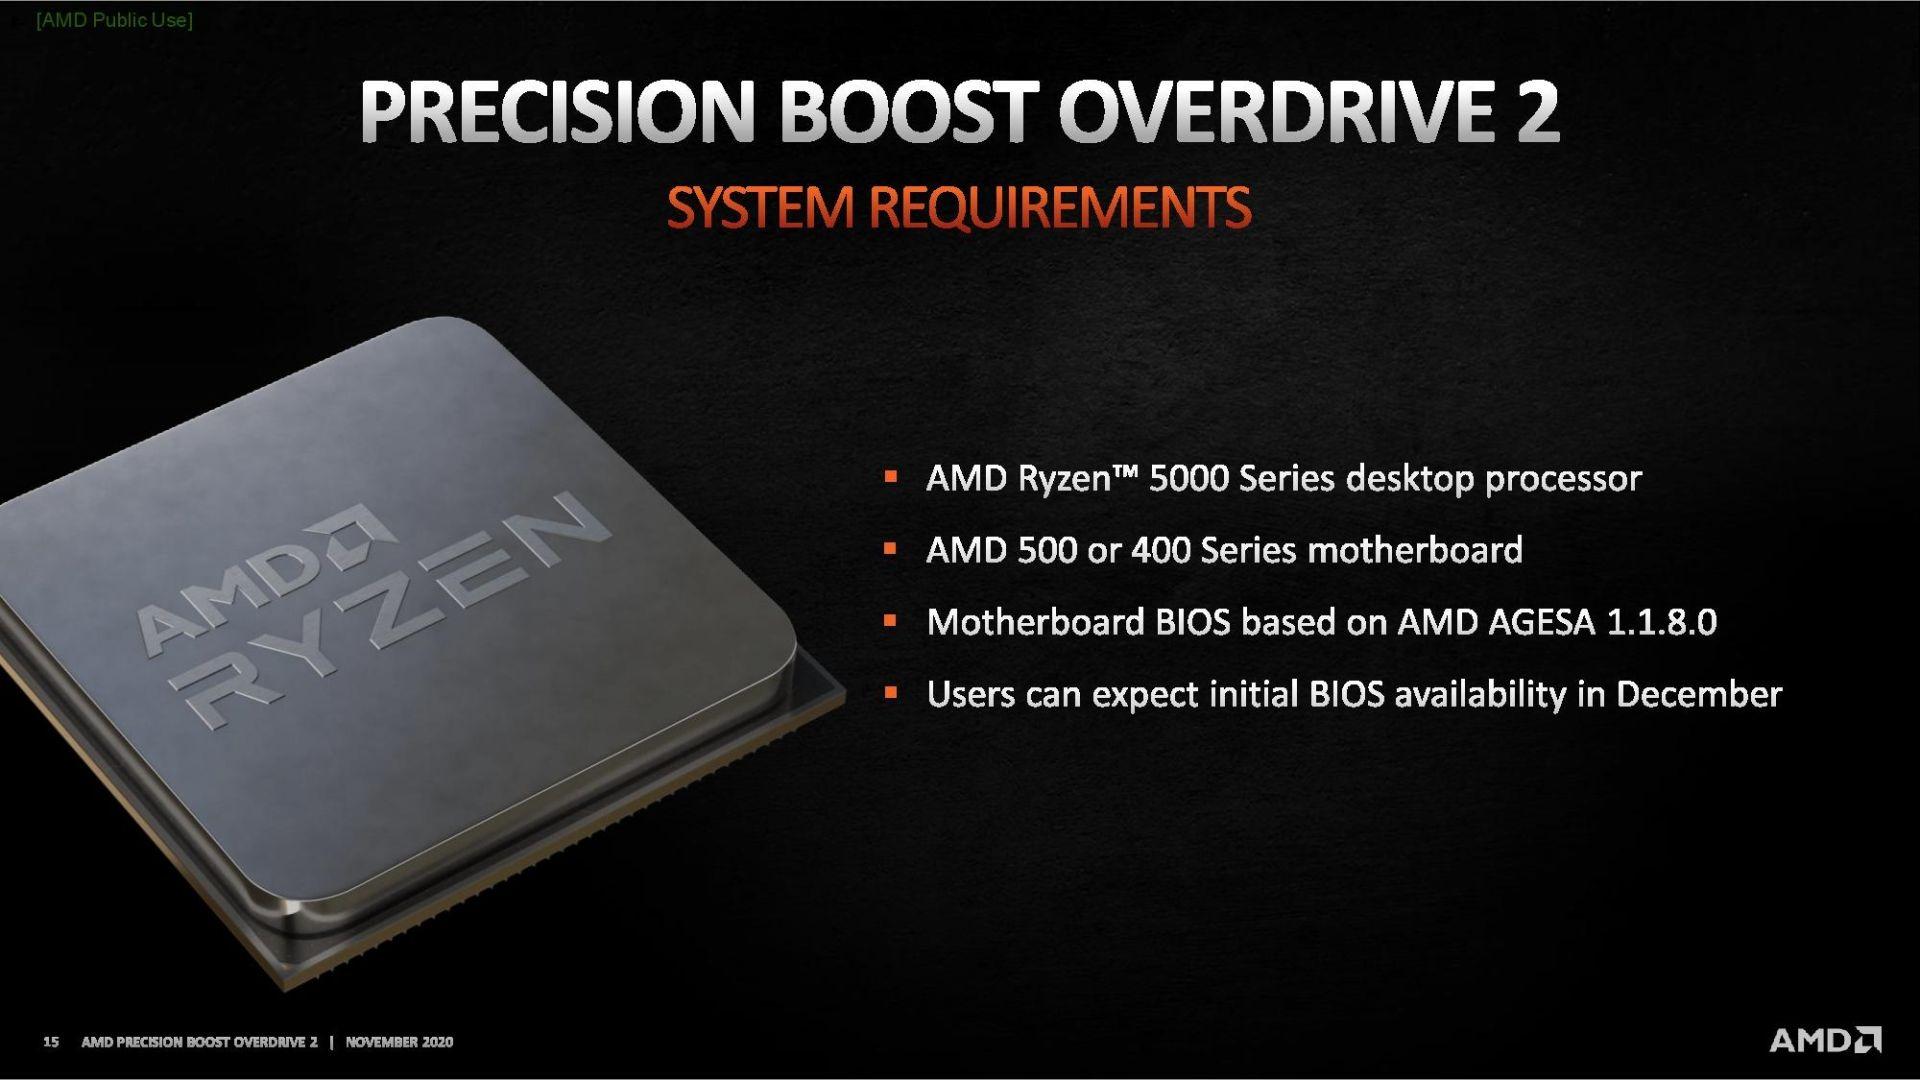 korzystanie z Precision Boost Overdrive 2 unieważnia gwarancję na procesor (podobnie jak to było w przypadku zwykłego Precision Boost Overdrive).